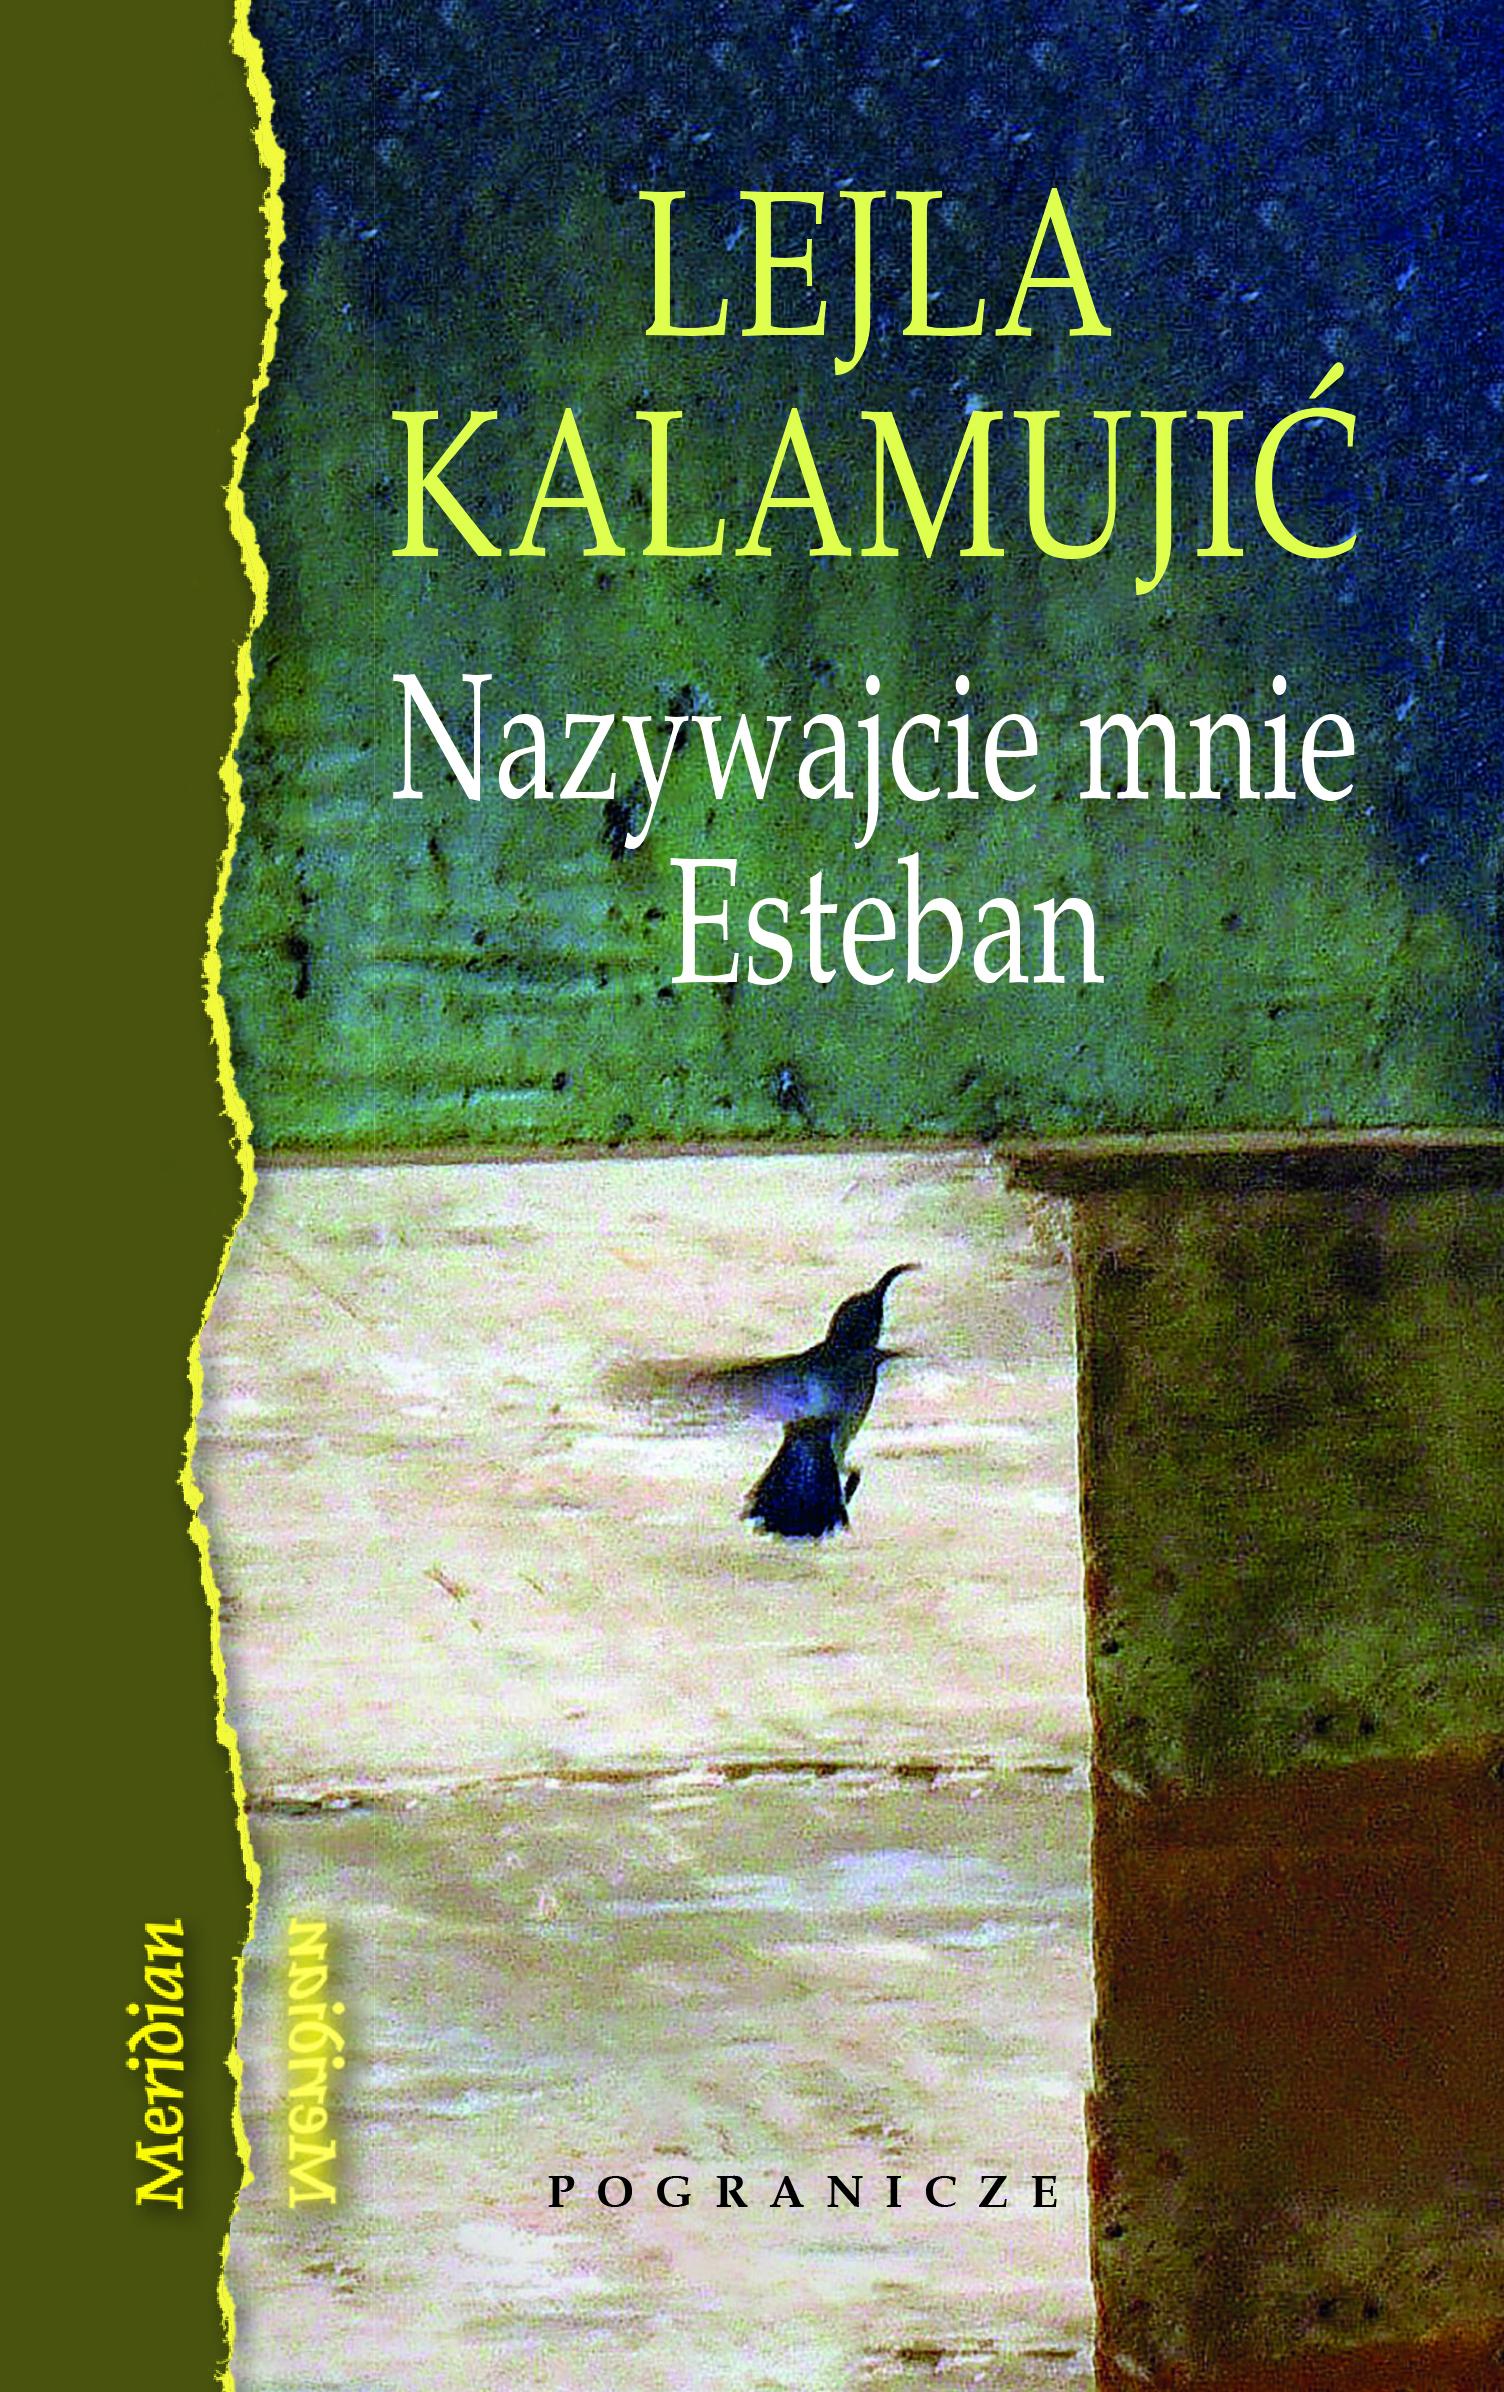 Kolorowa okładka książki. Ptak wlocie natle zieleni.